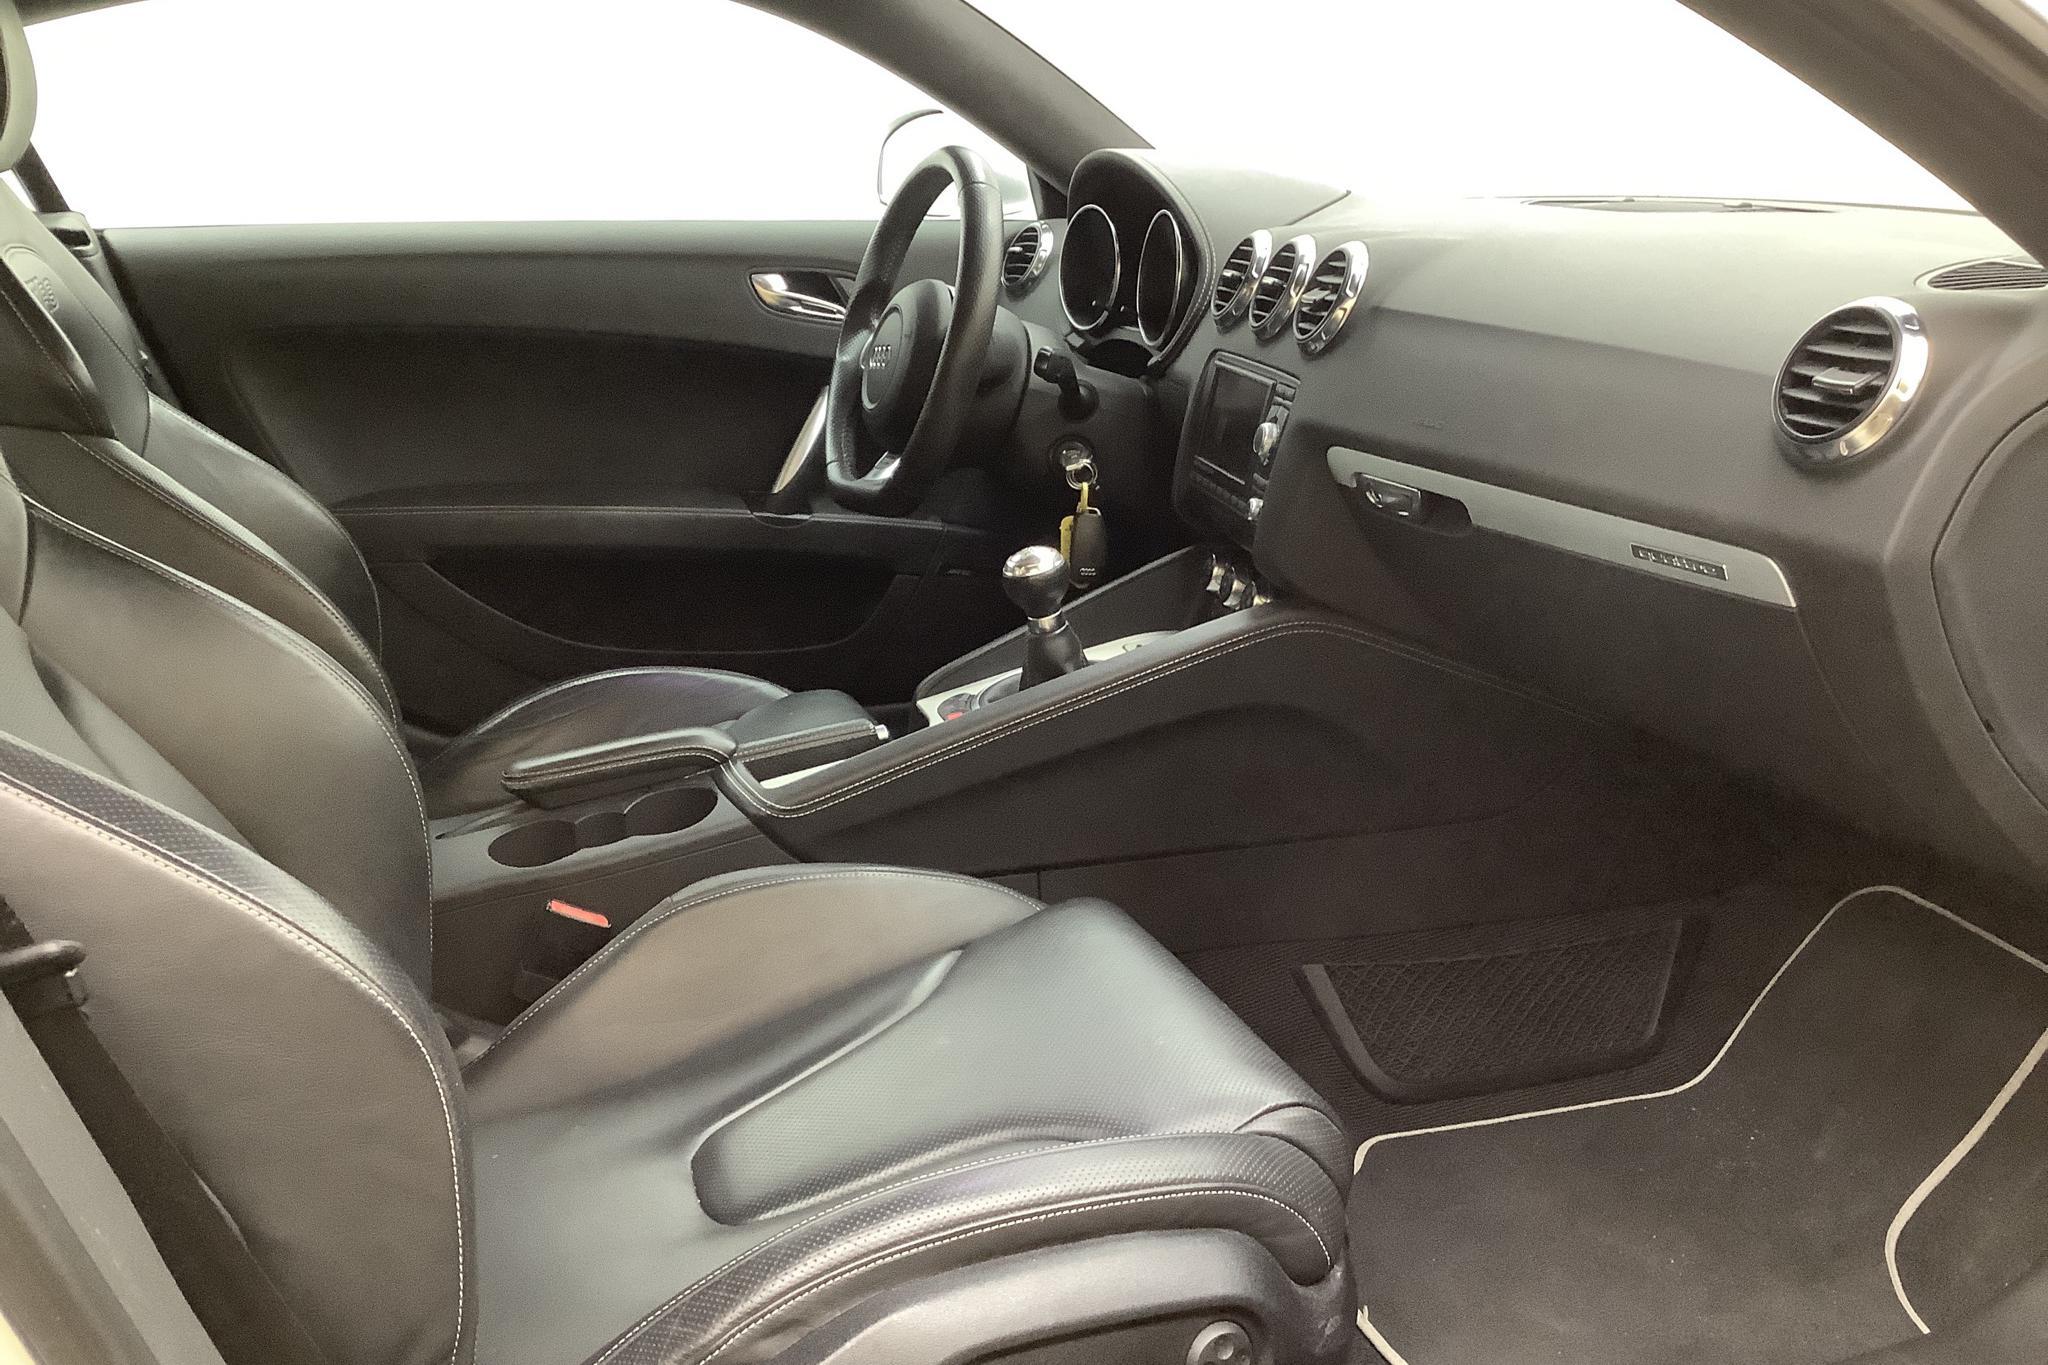 Audi TT RS 2.5 TFSI Coupé  (340hk) - 19 636 mil - Manuell - vit - 2010